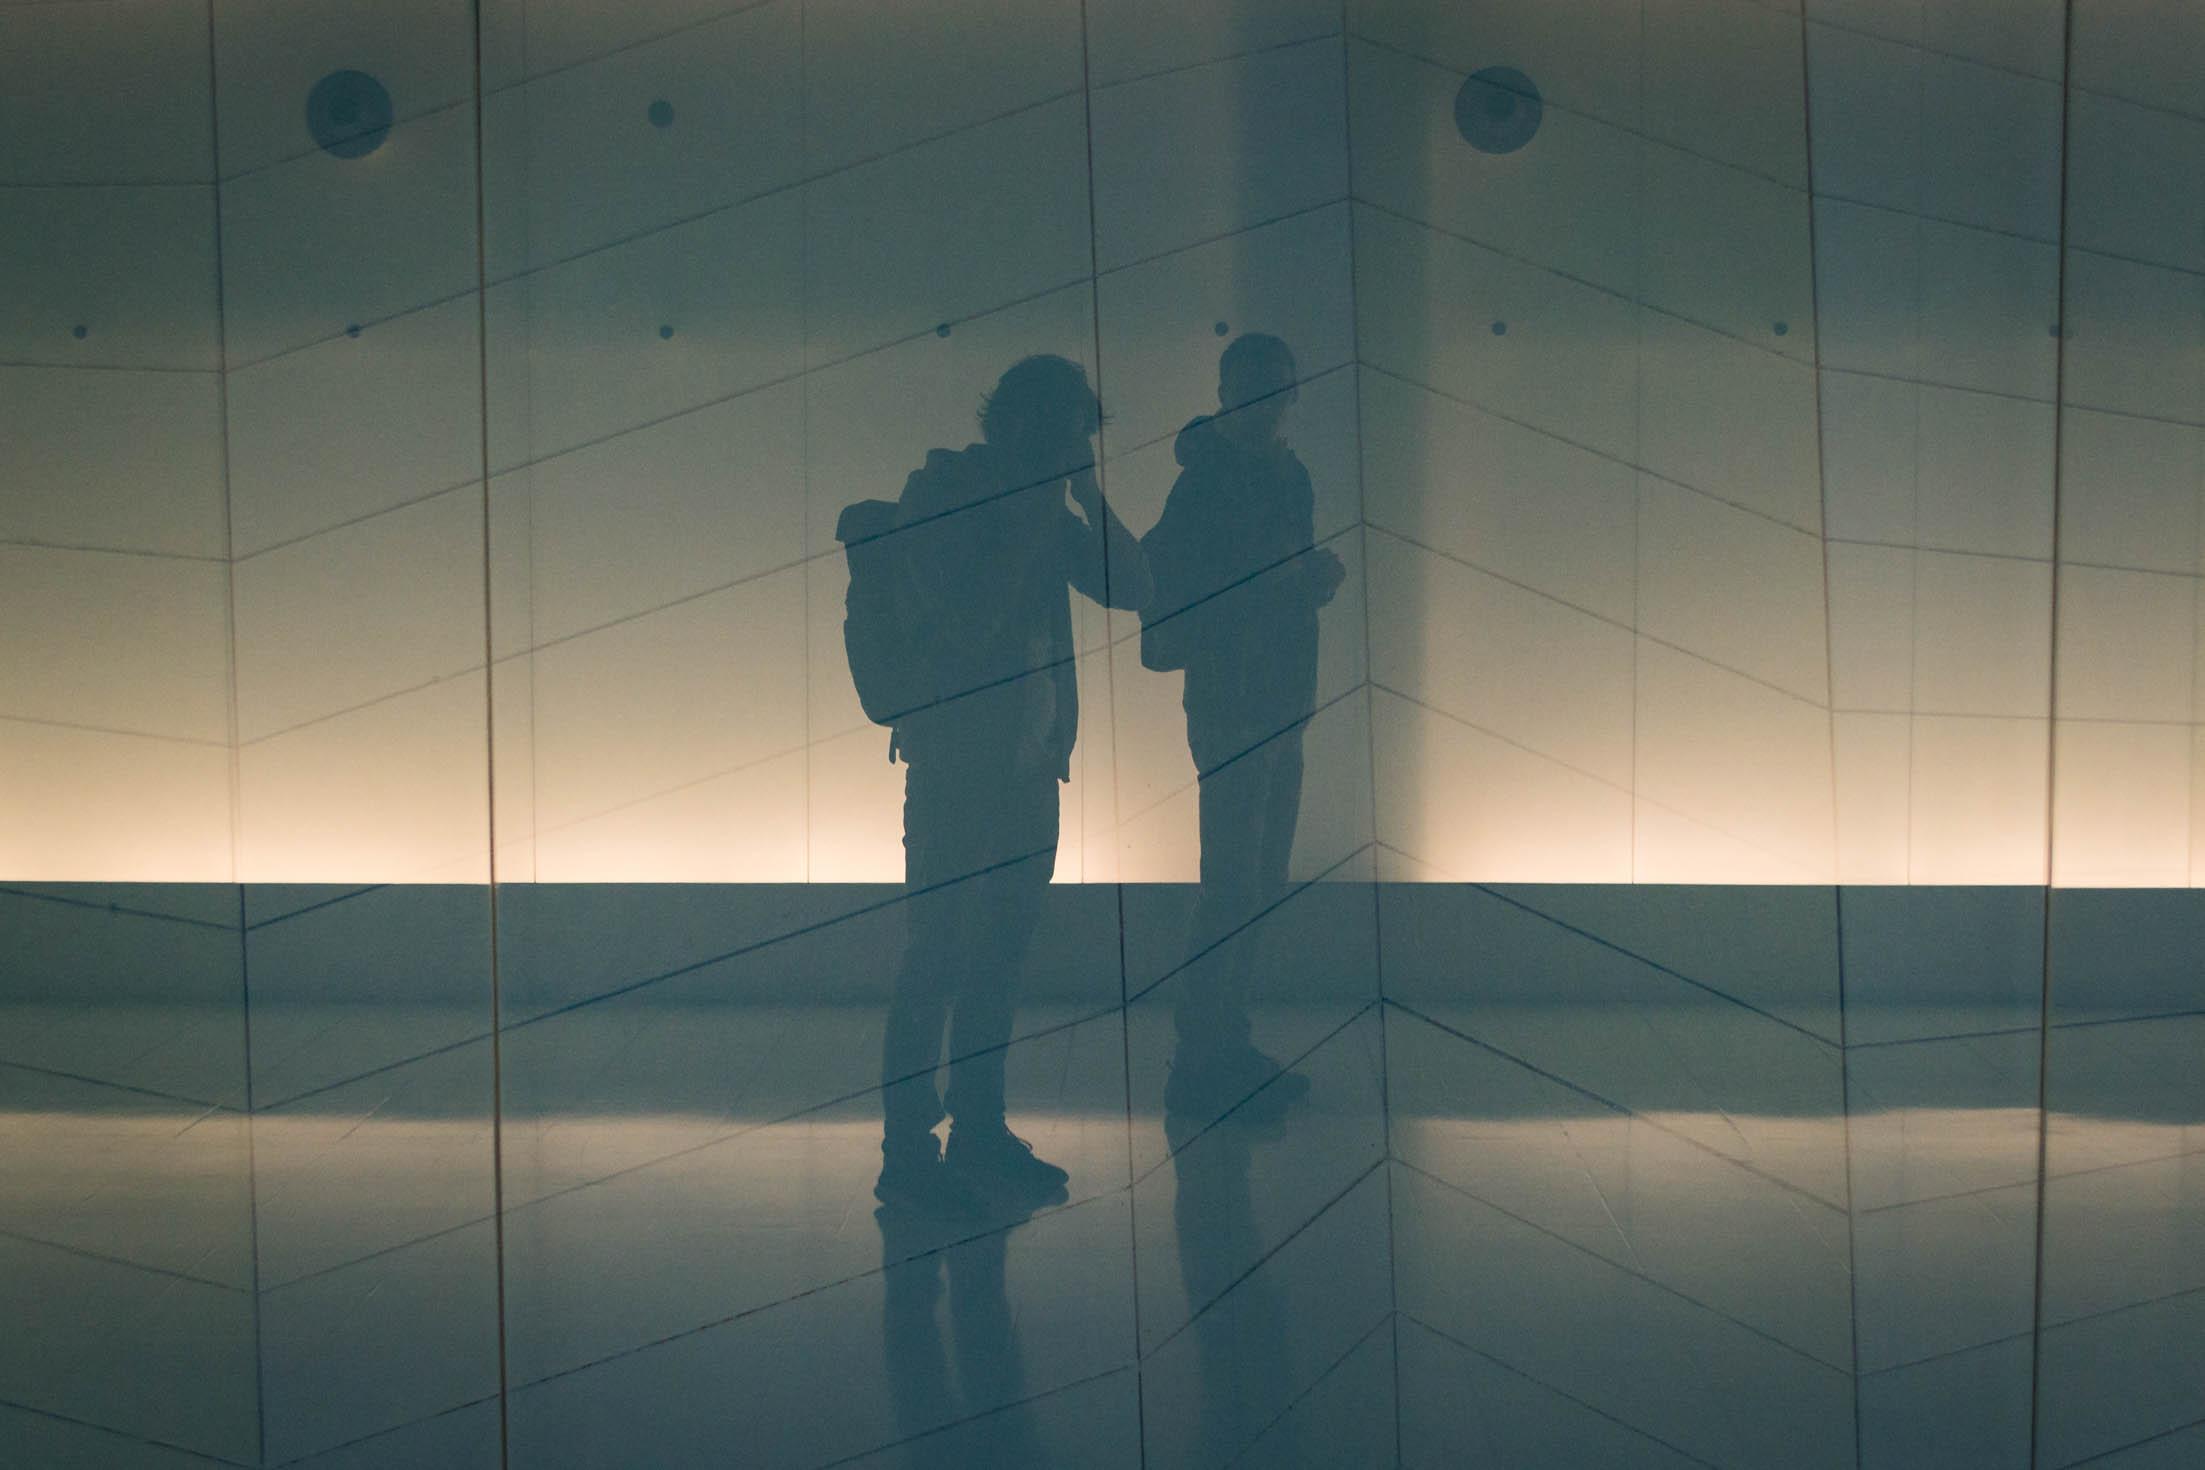 Le reflet de 2 compères dans les souterrains ! ;)